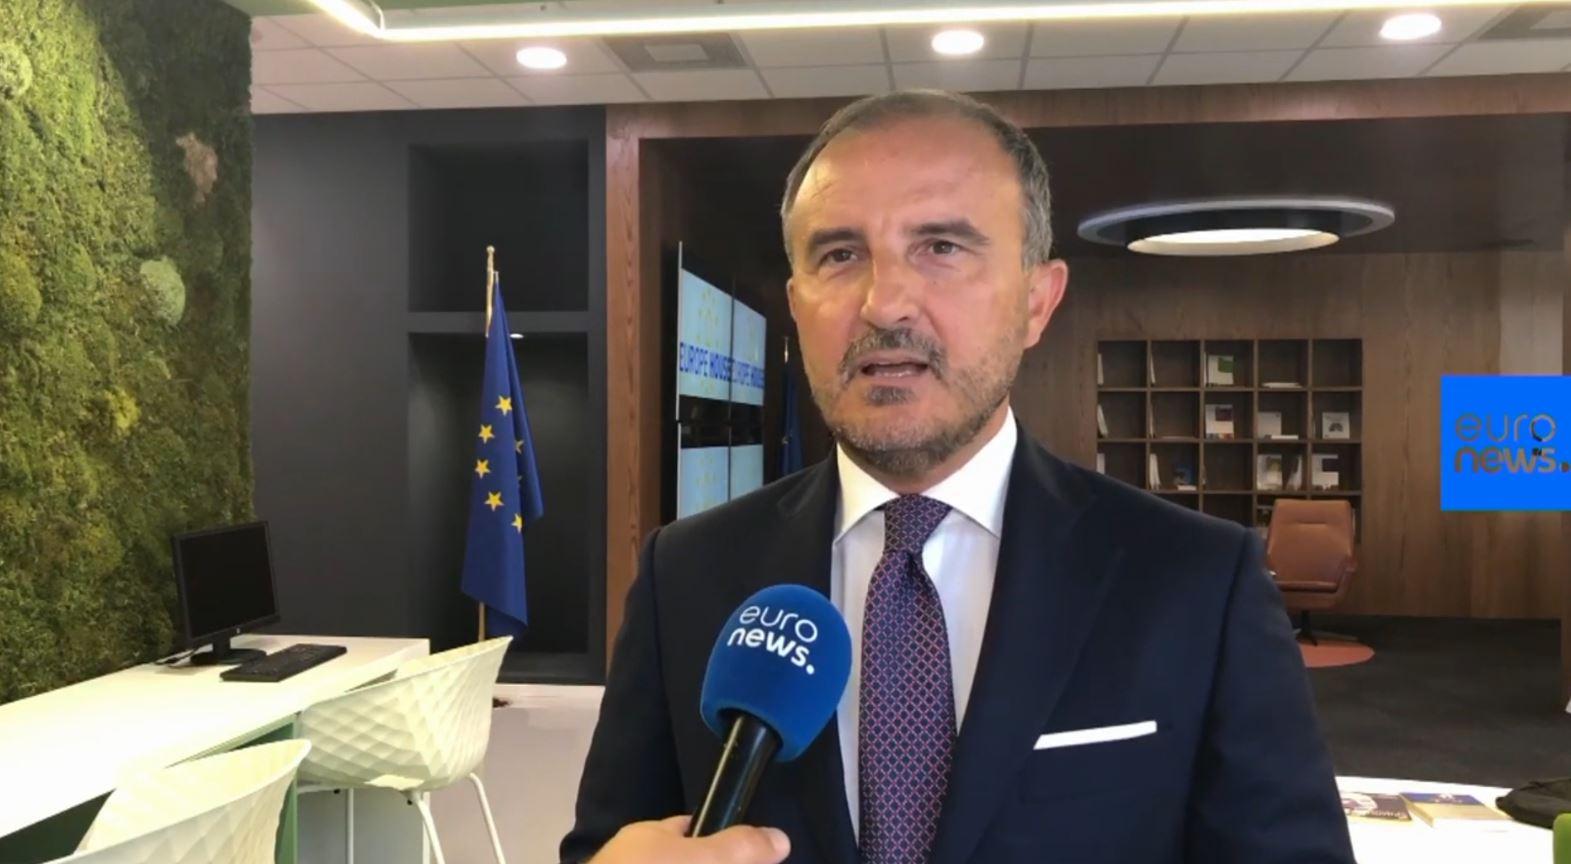 Ambasadori i BE në Tiranë kërkon angazhim politik: Shqipëria të jetë gati për 15 tetorin